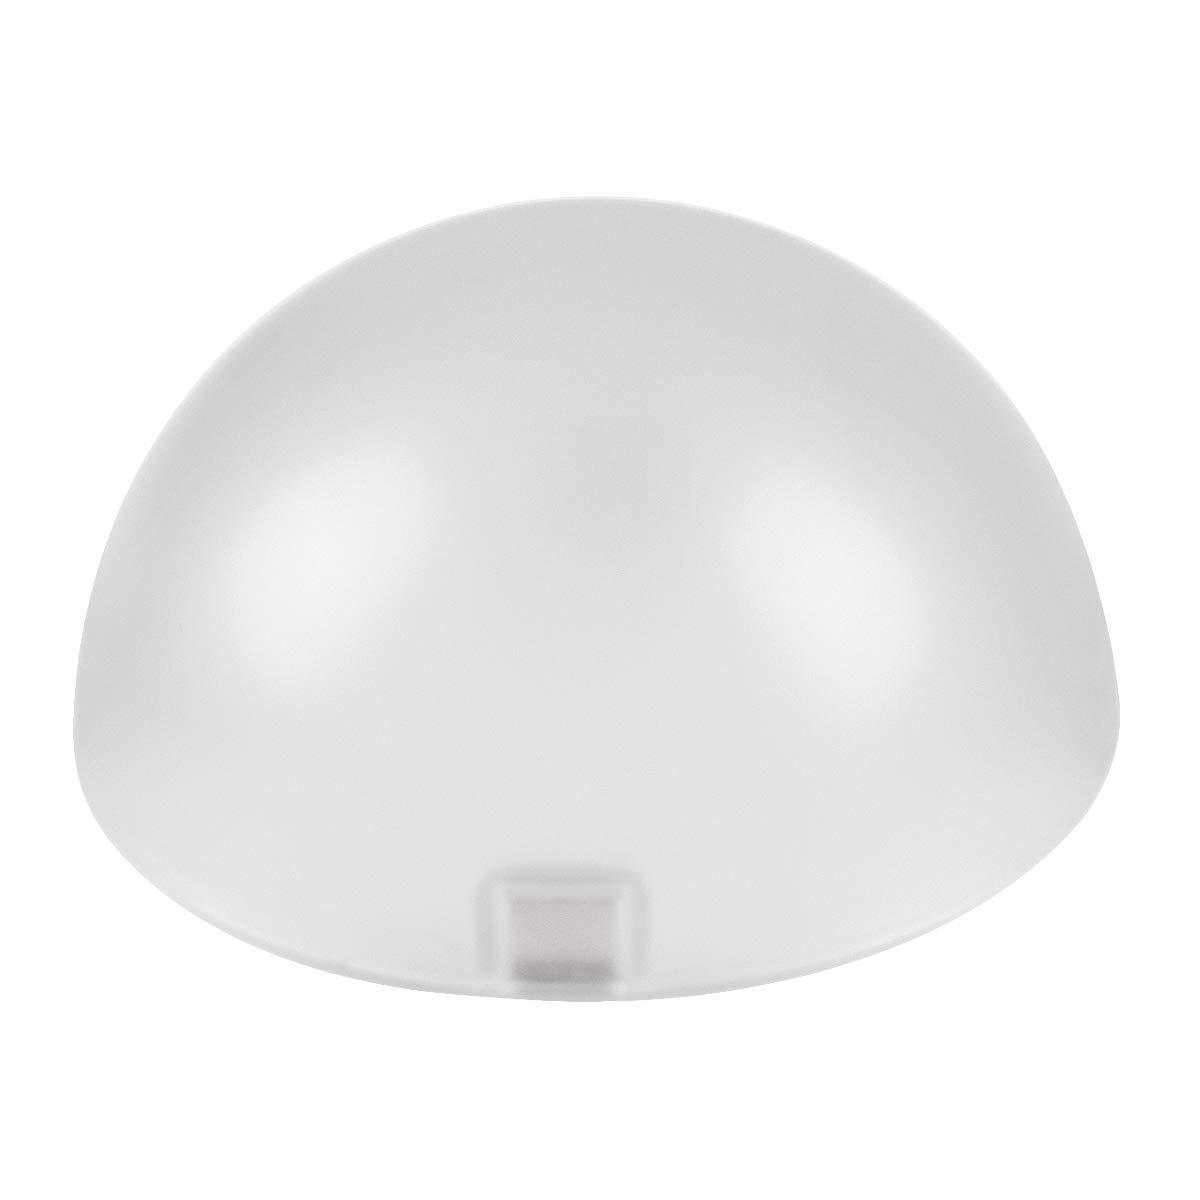 Godox AK-R1 Pocket Flash Light Accessories Kit for Godox H200R,Godox AD200 Accessories by Godox (Image #7)